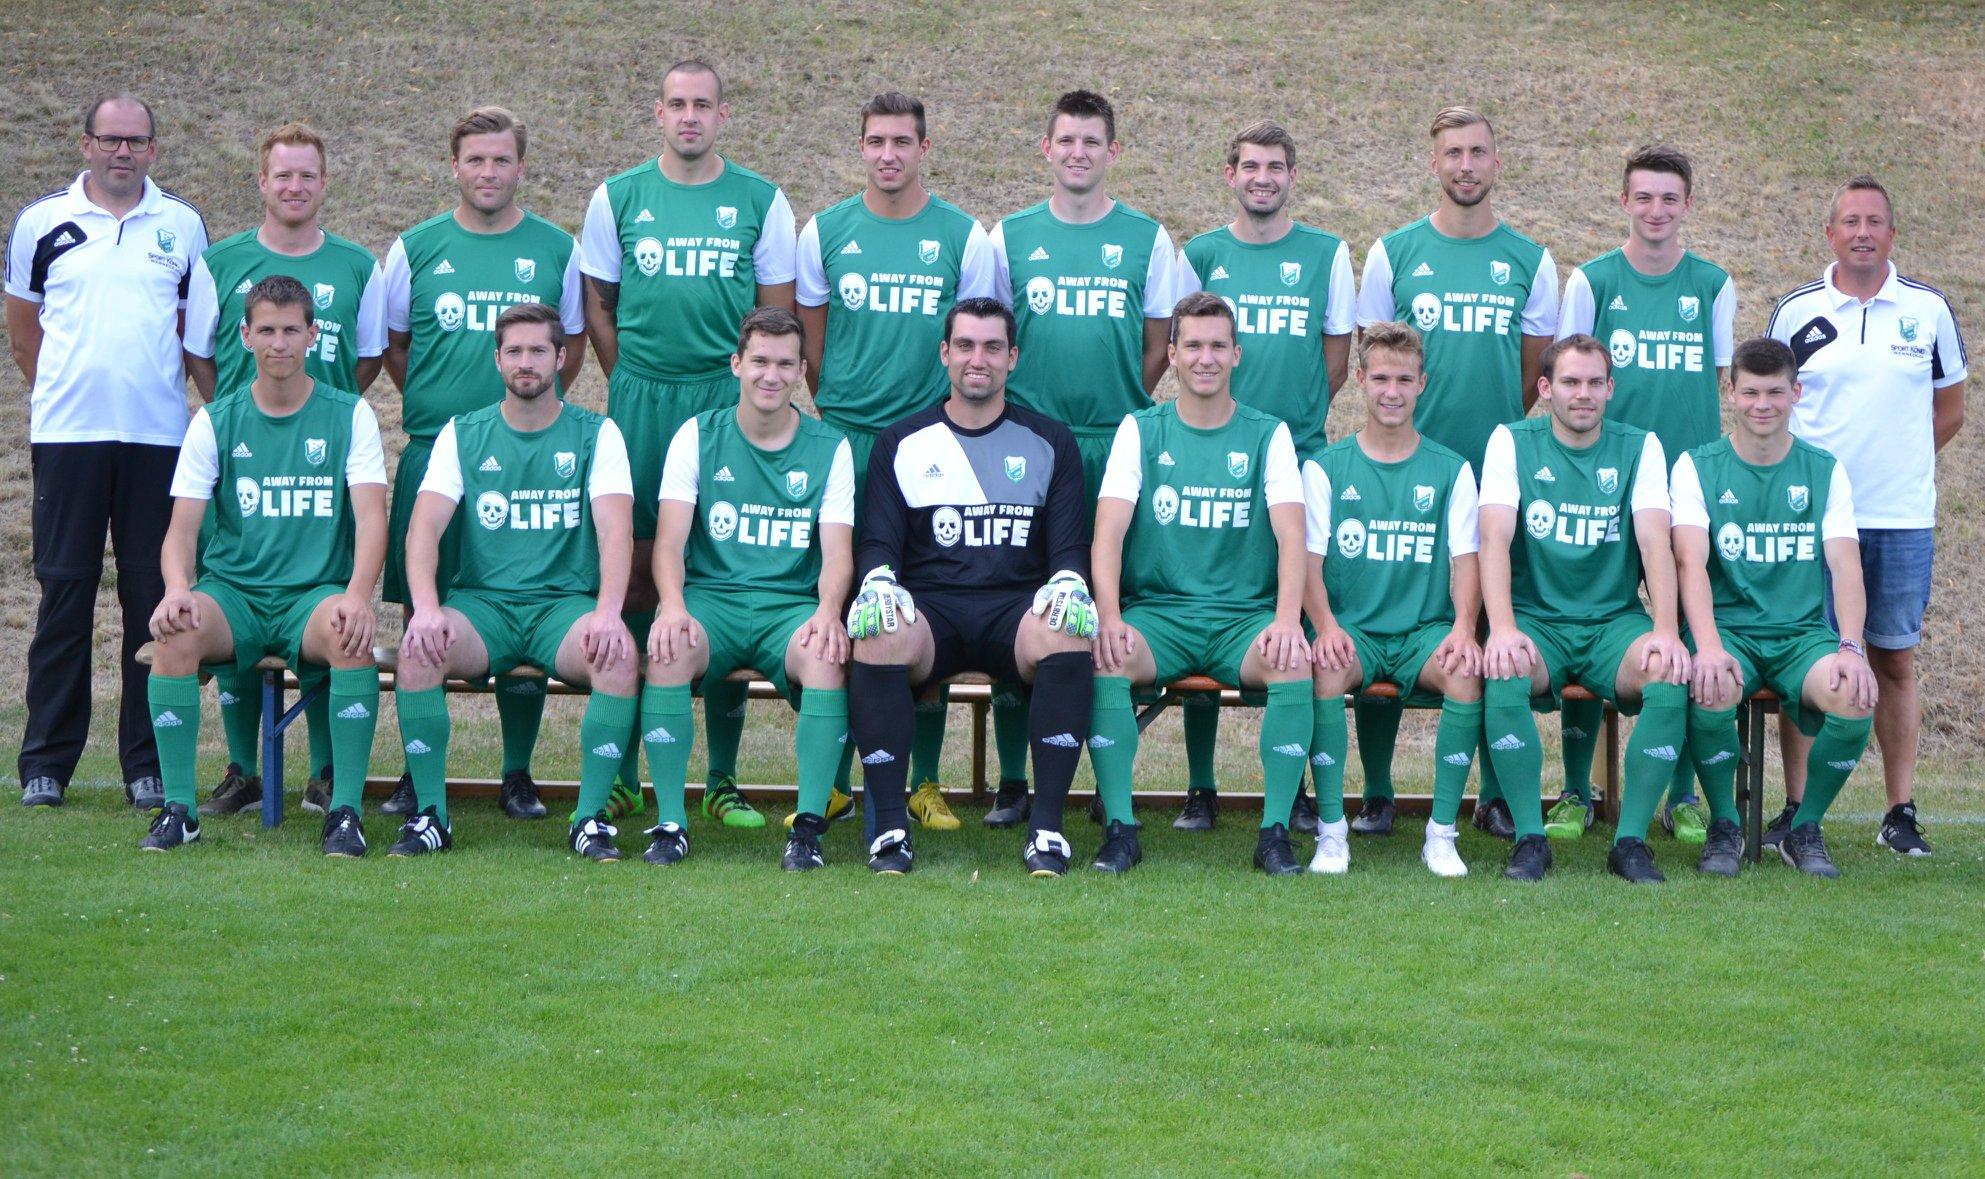 Die 1. Mannschaft des 1. FC Viktoria Untererthal mit AWAY FROM LIFE auf der Brust